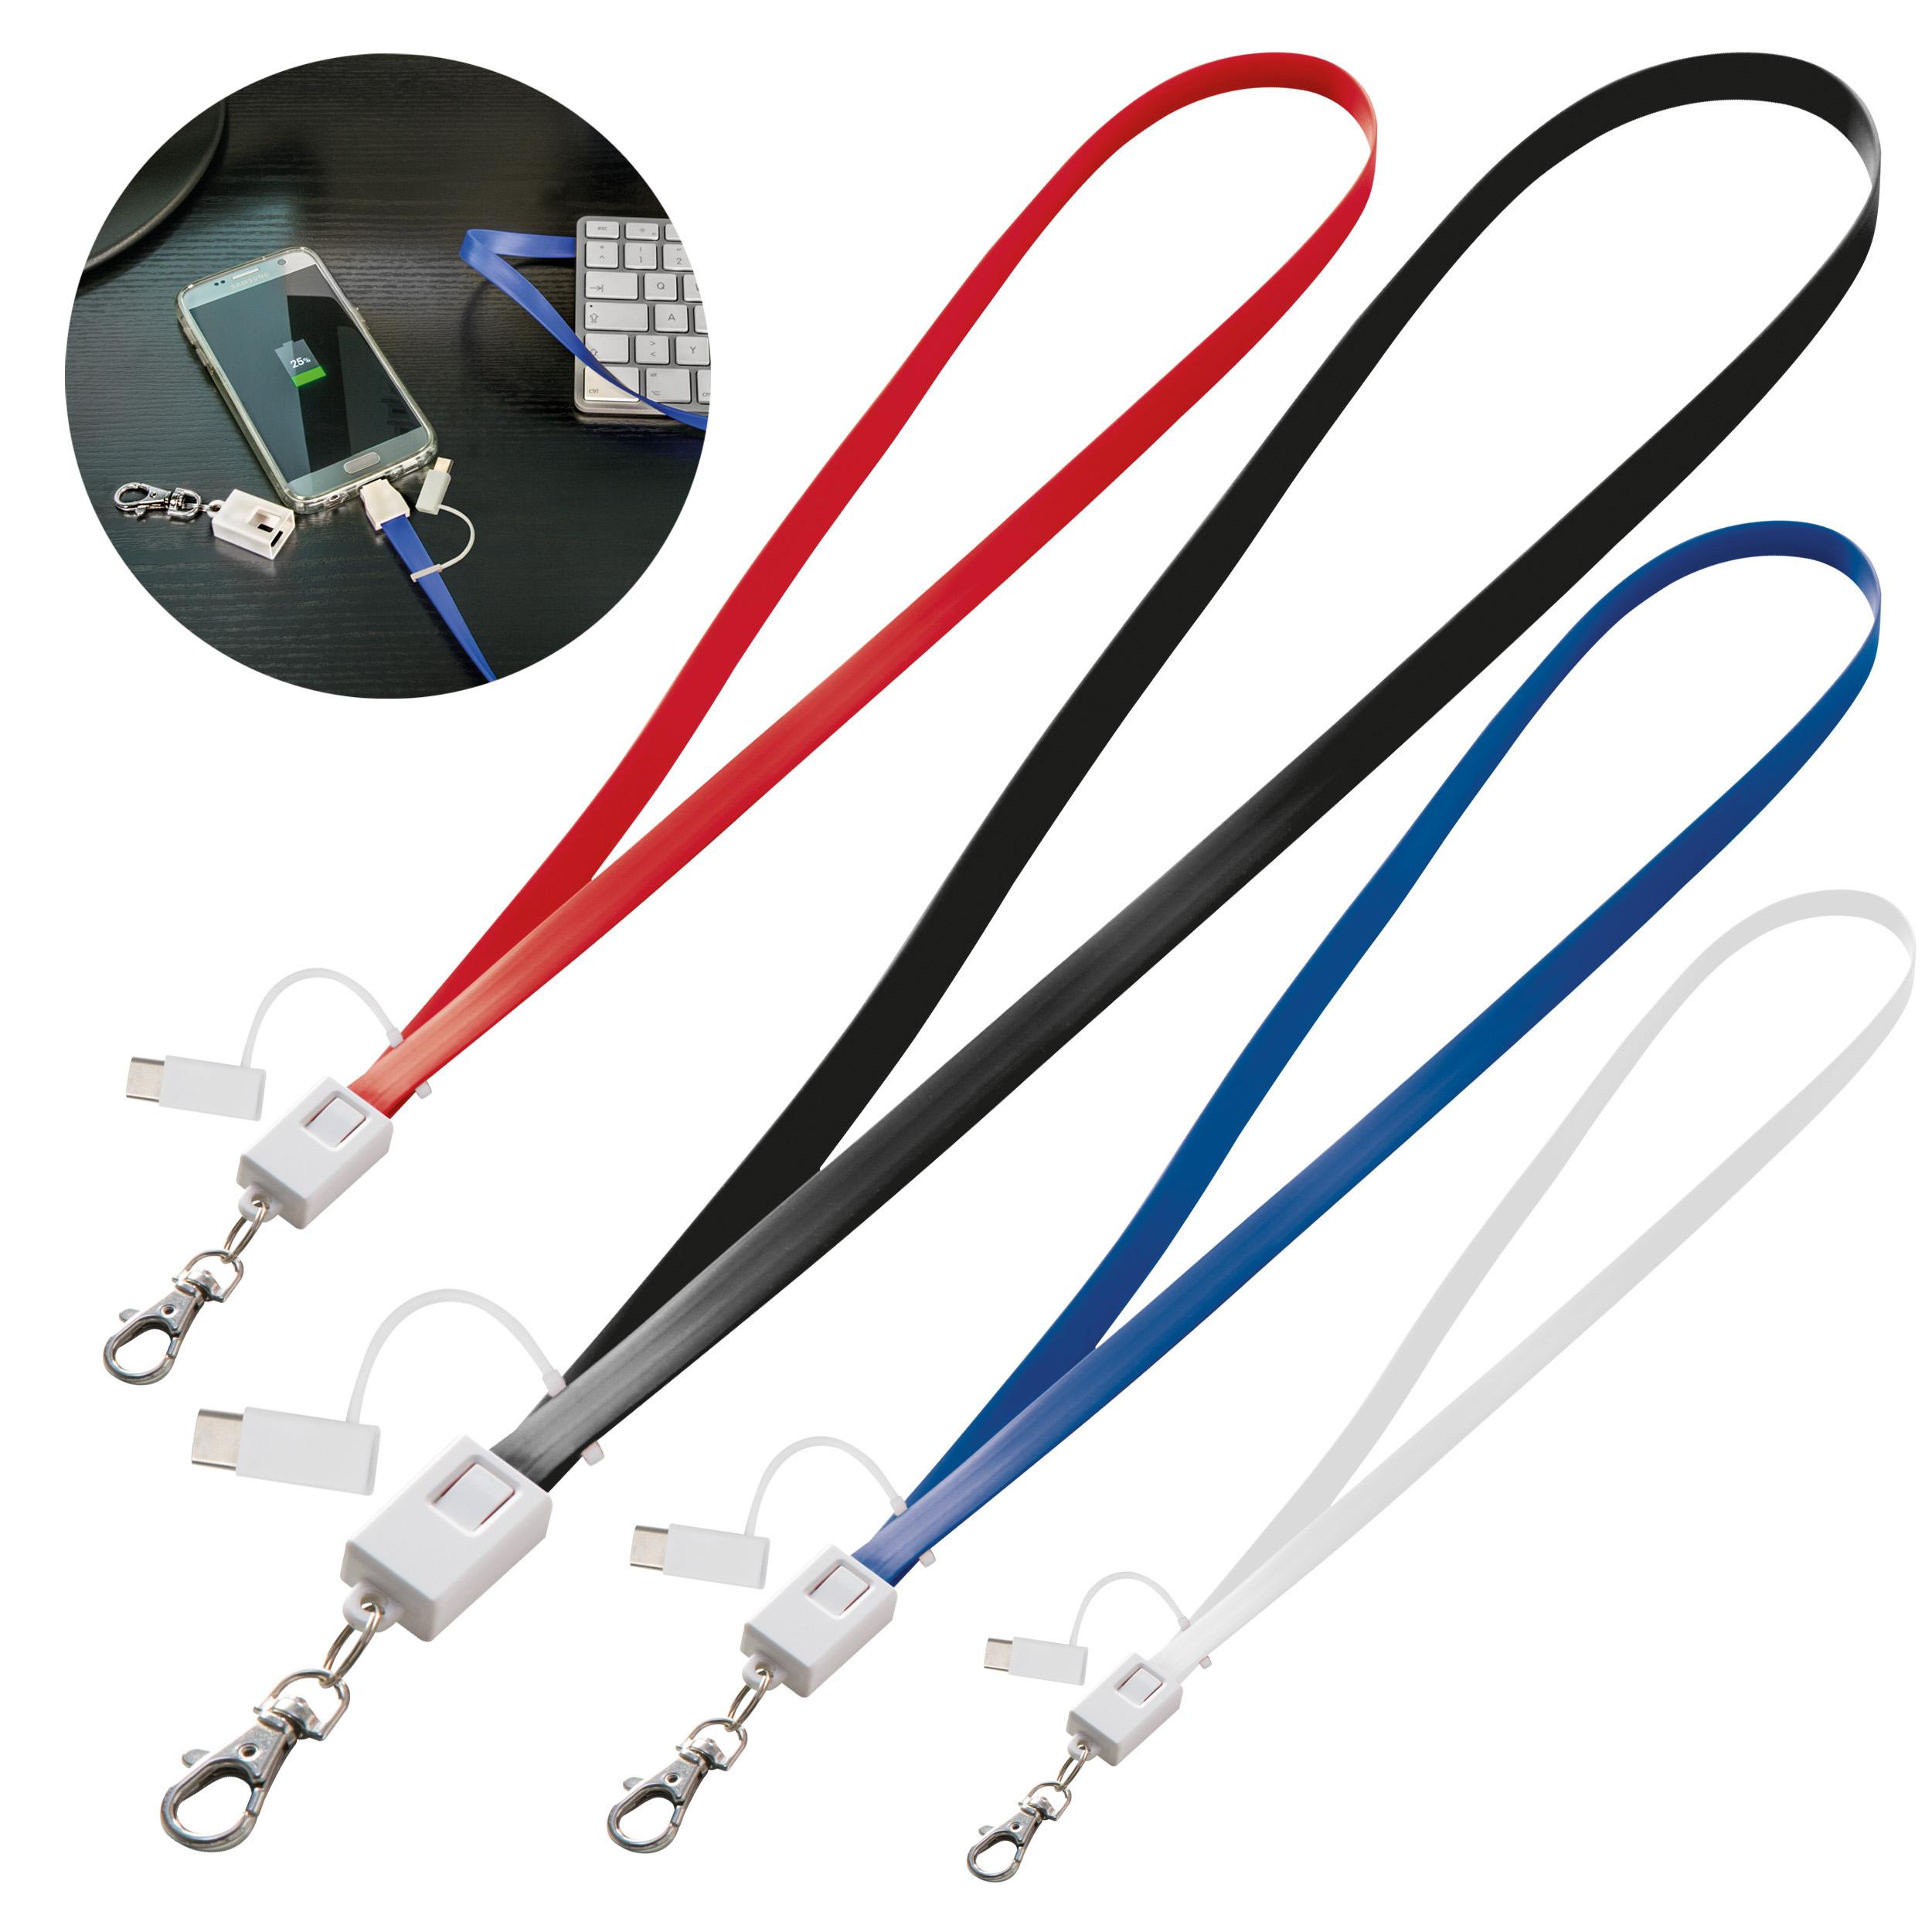 Câble de recharge avec 4 connecteurs